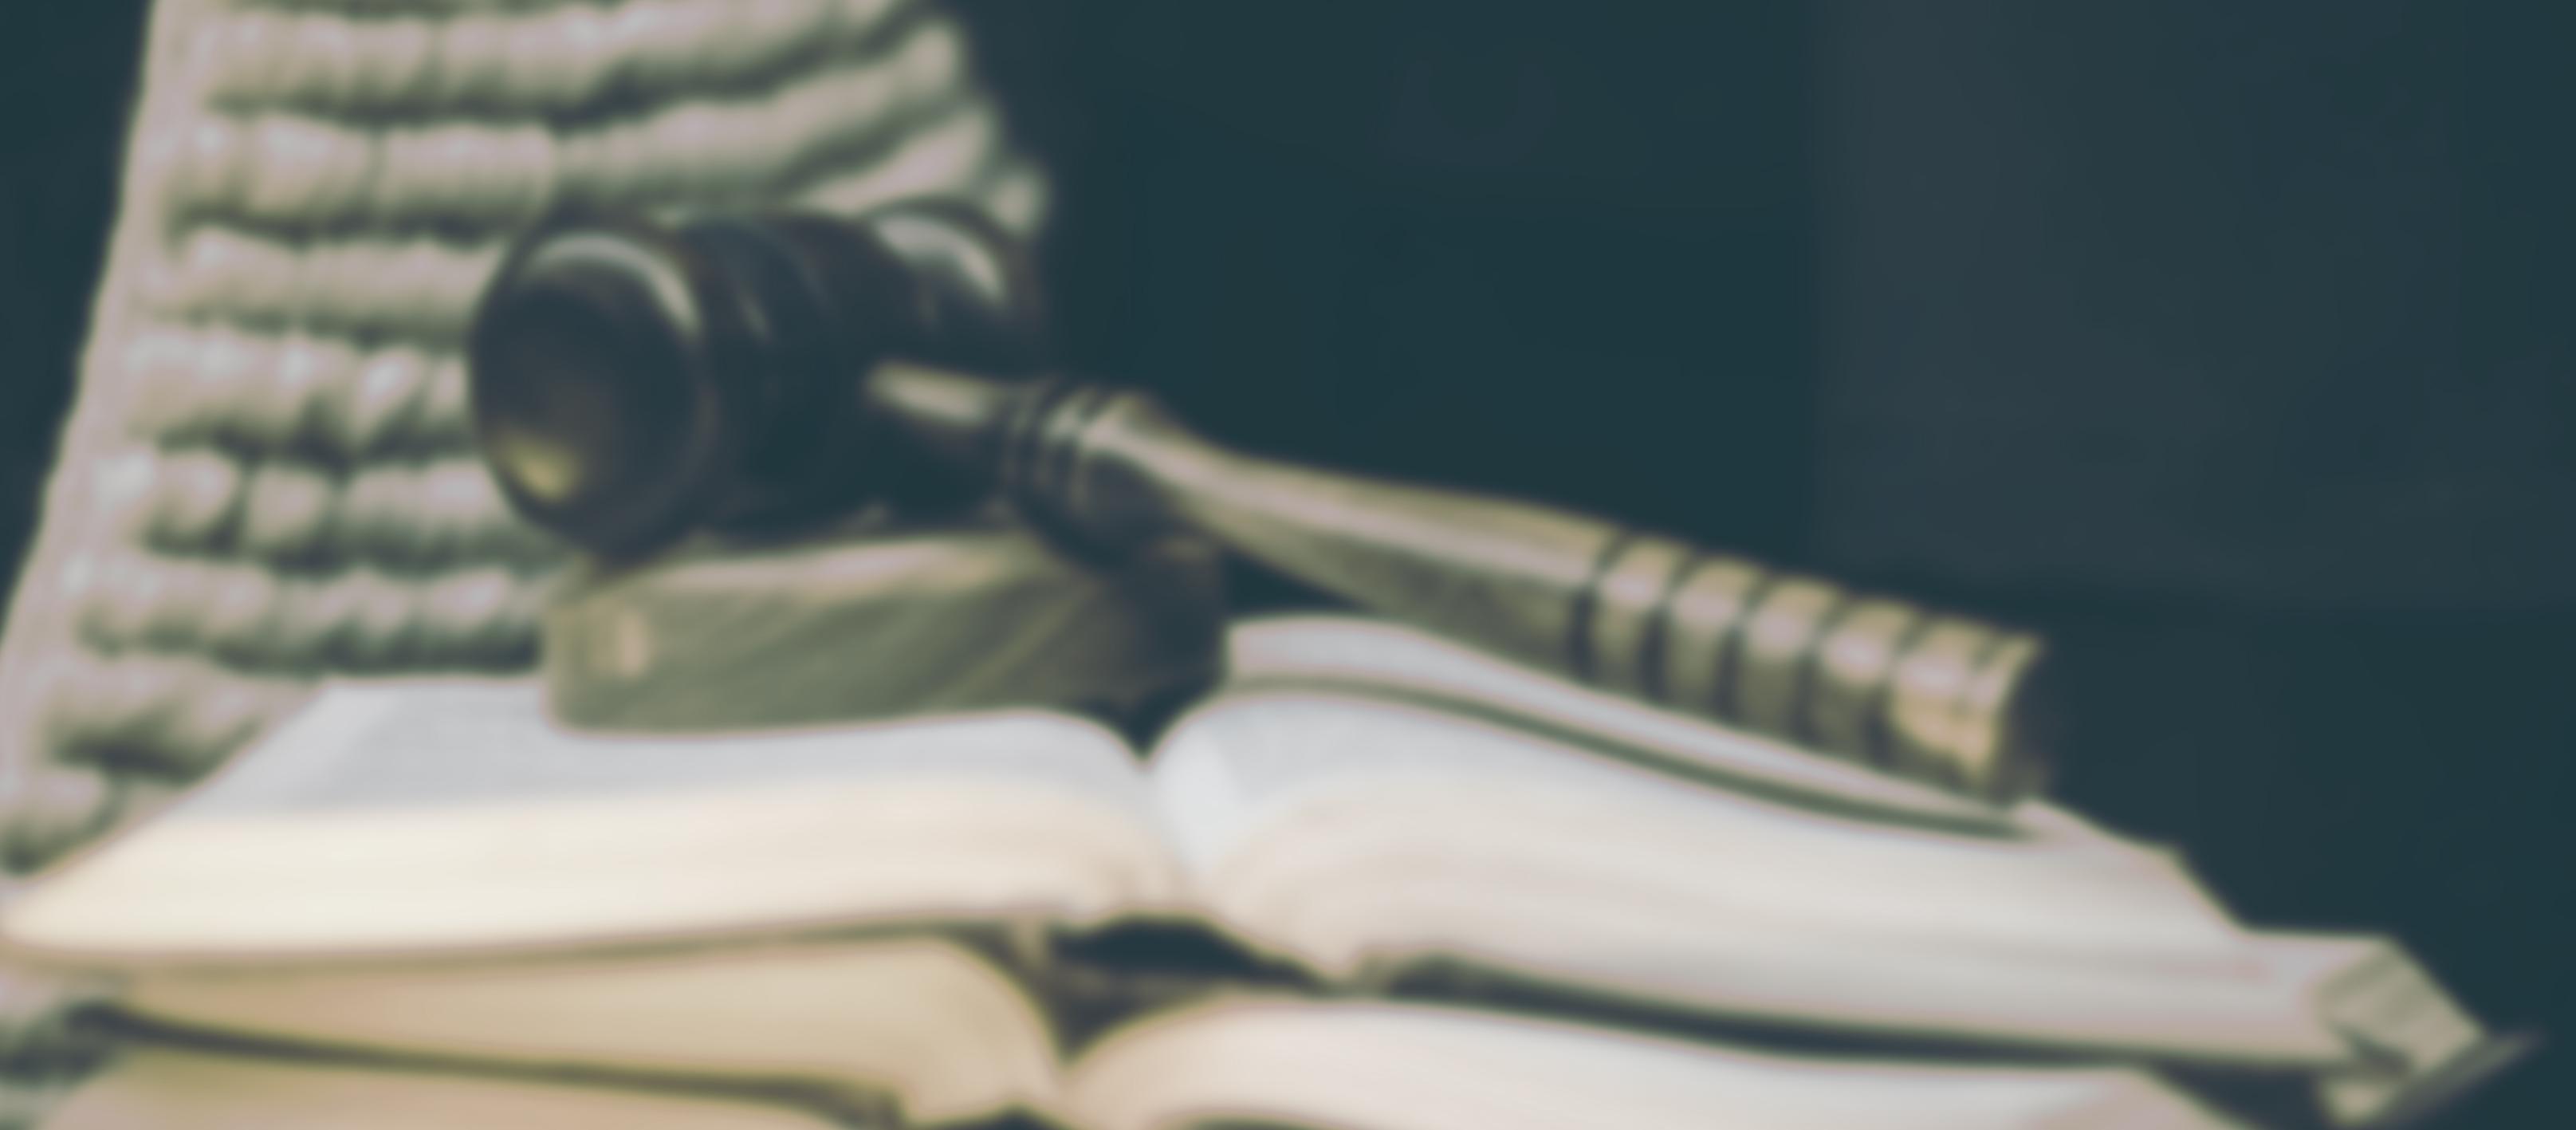 Суд по кредиту казахстан о ходе исполнительного листа